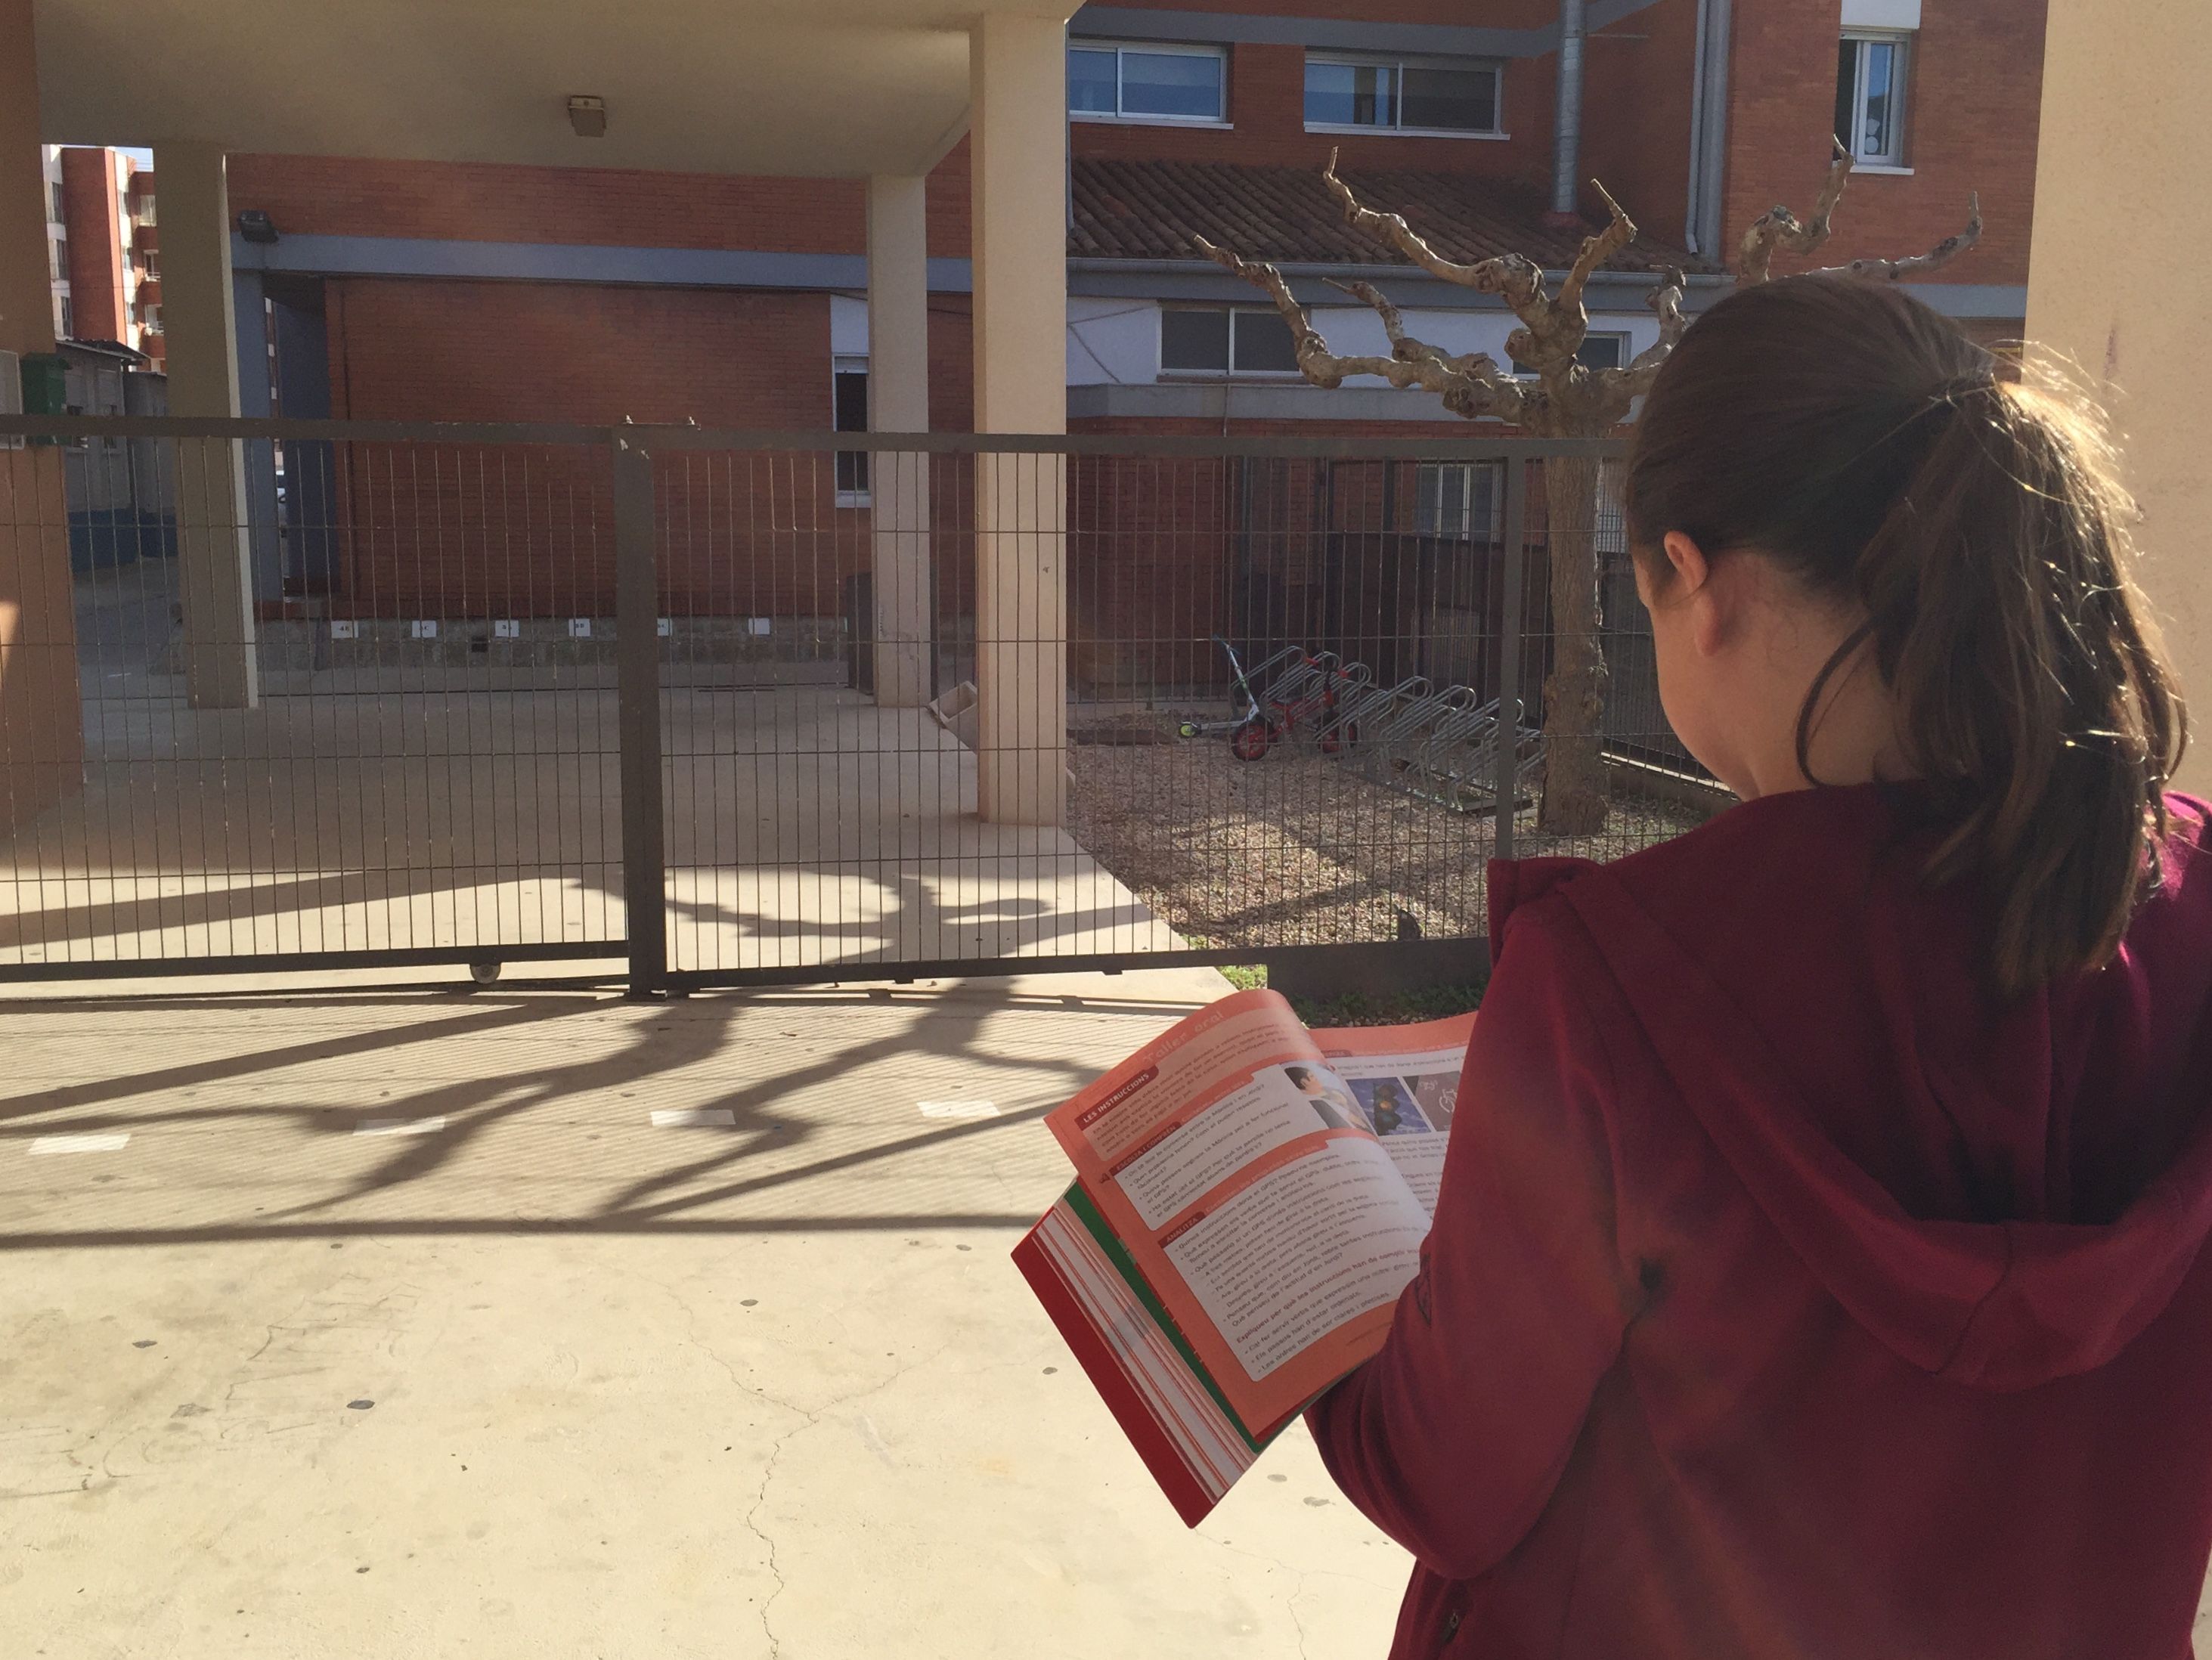 L'Ajuntament de Vandellòs i l'Hospitalet de l'Infant destinarà gairebé 90.000€ a les subvencions per als llibres de text